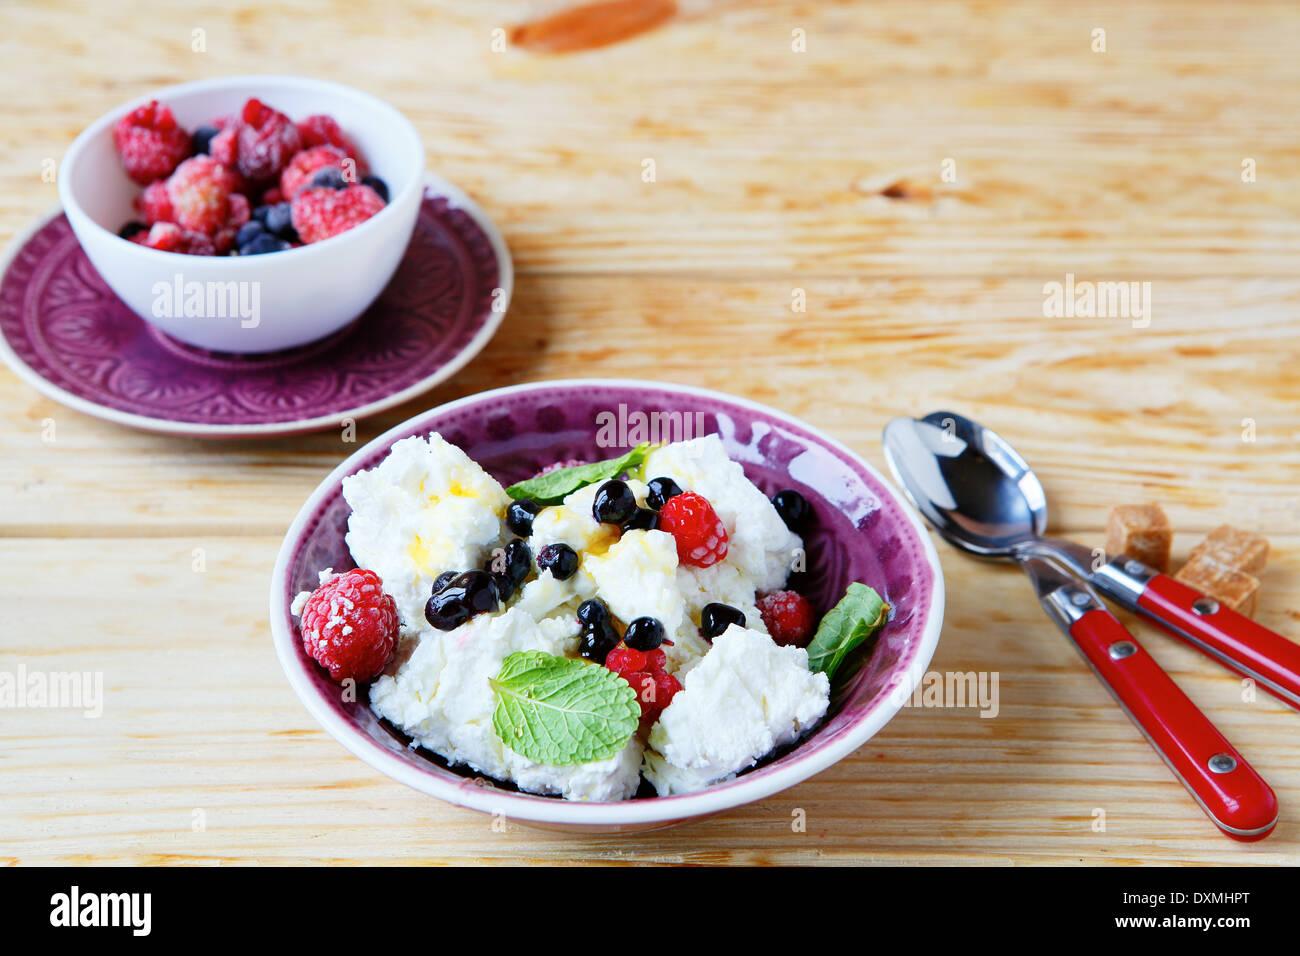 Frühstück Quark und Beeren, Essen Nahaufnahme Stockbild